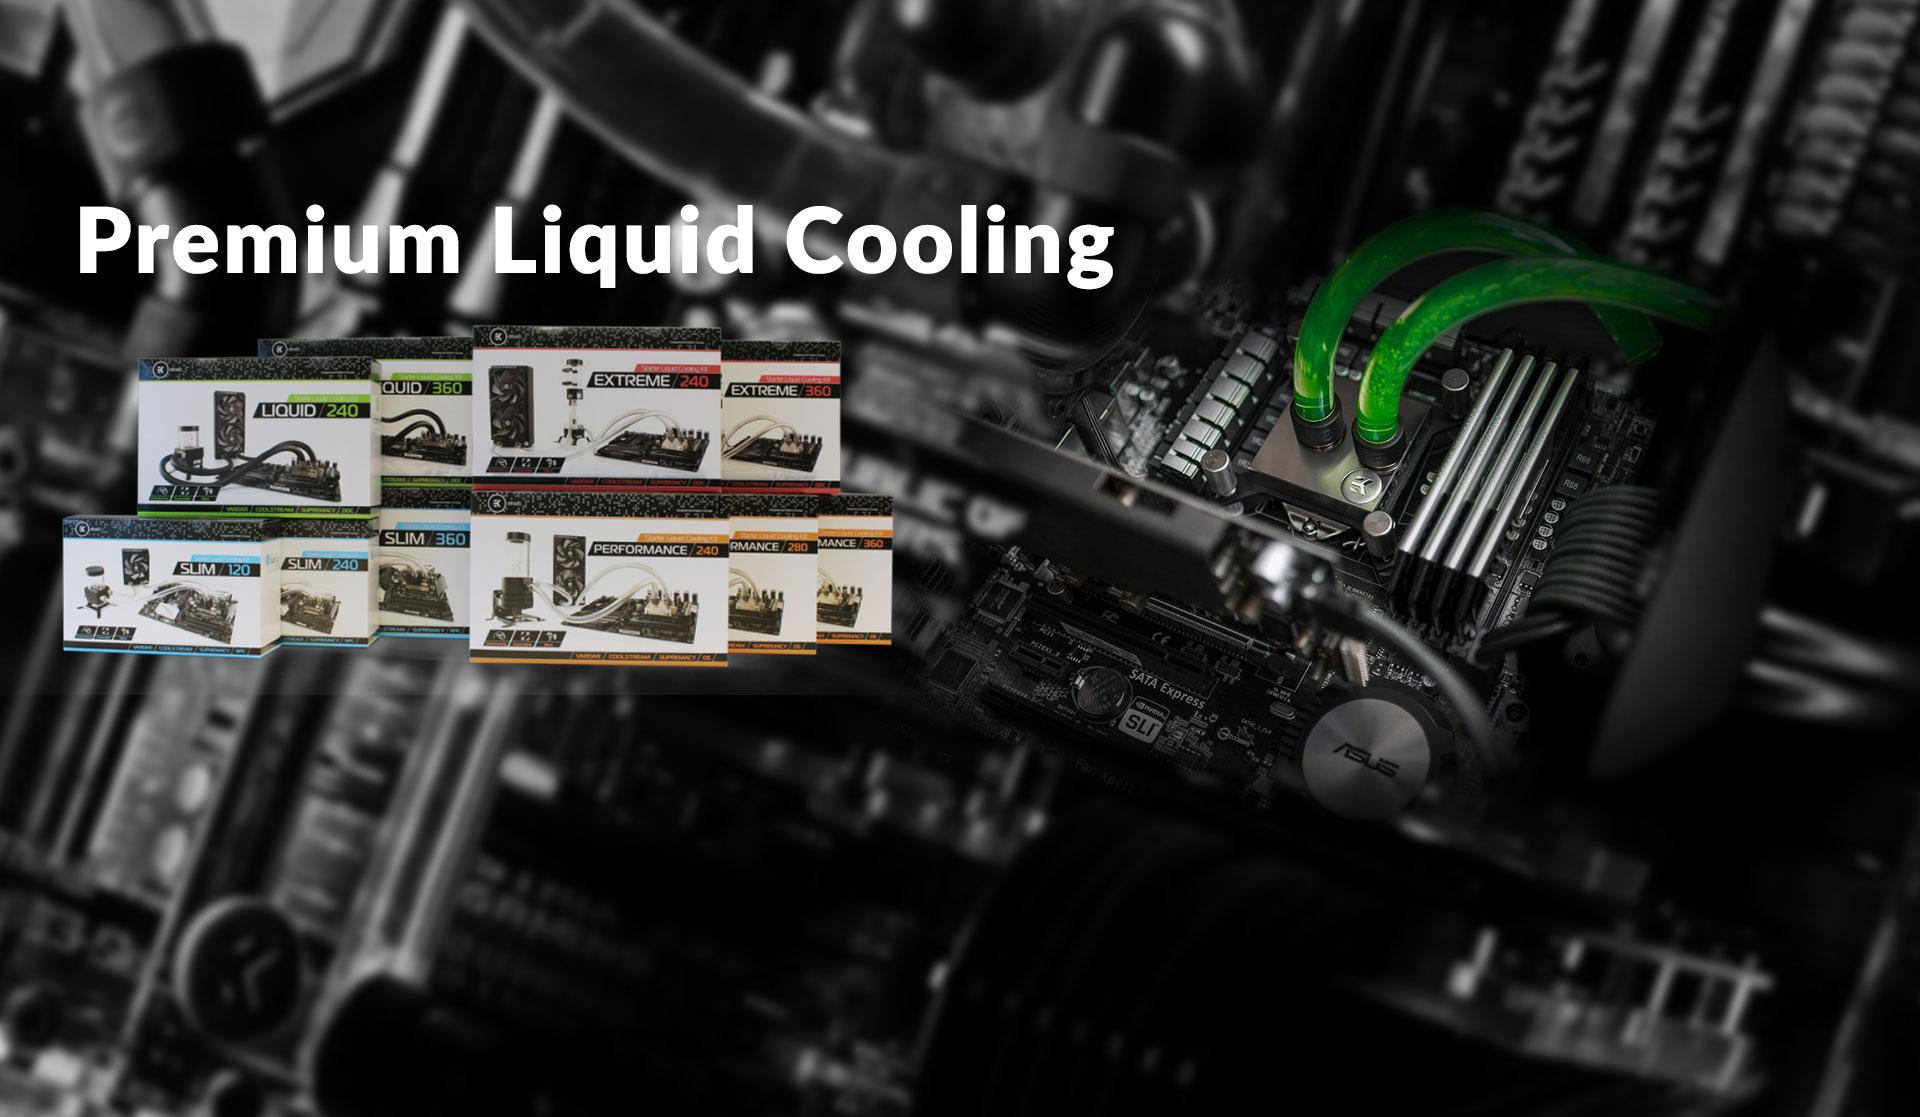 Premium Liquid Cooling